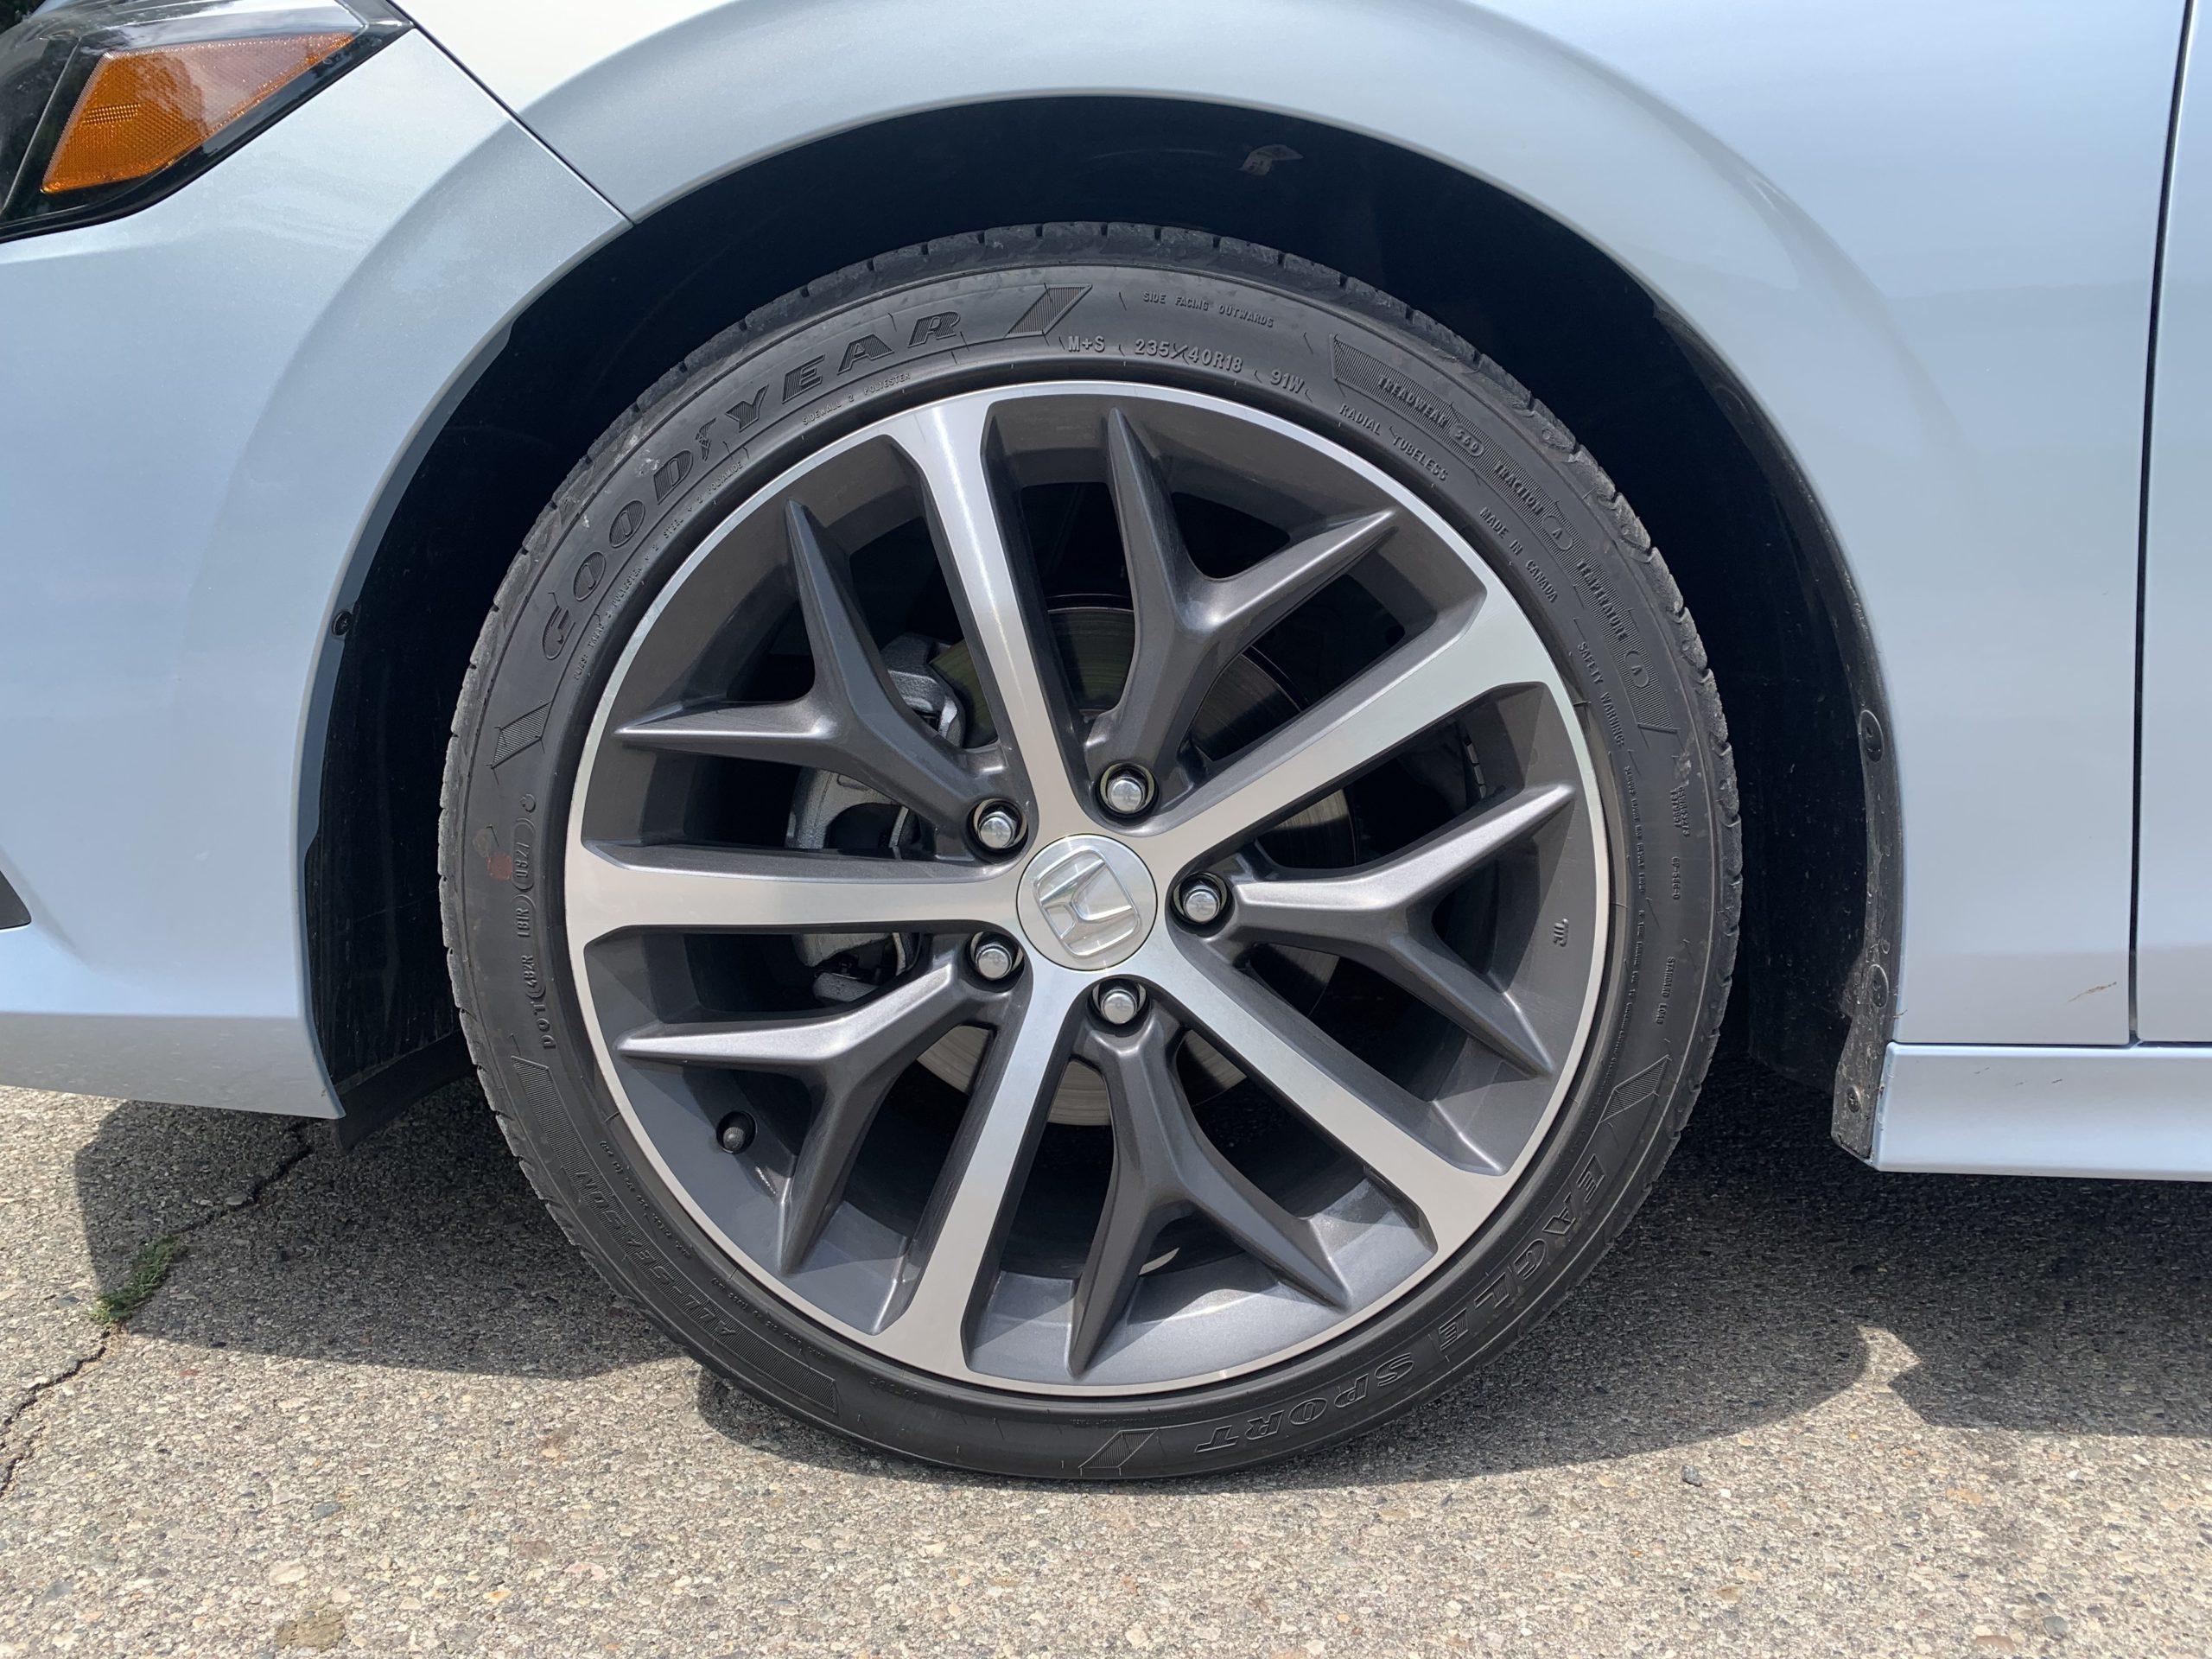 2022 Honda Civic sedan wheels